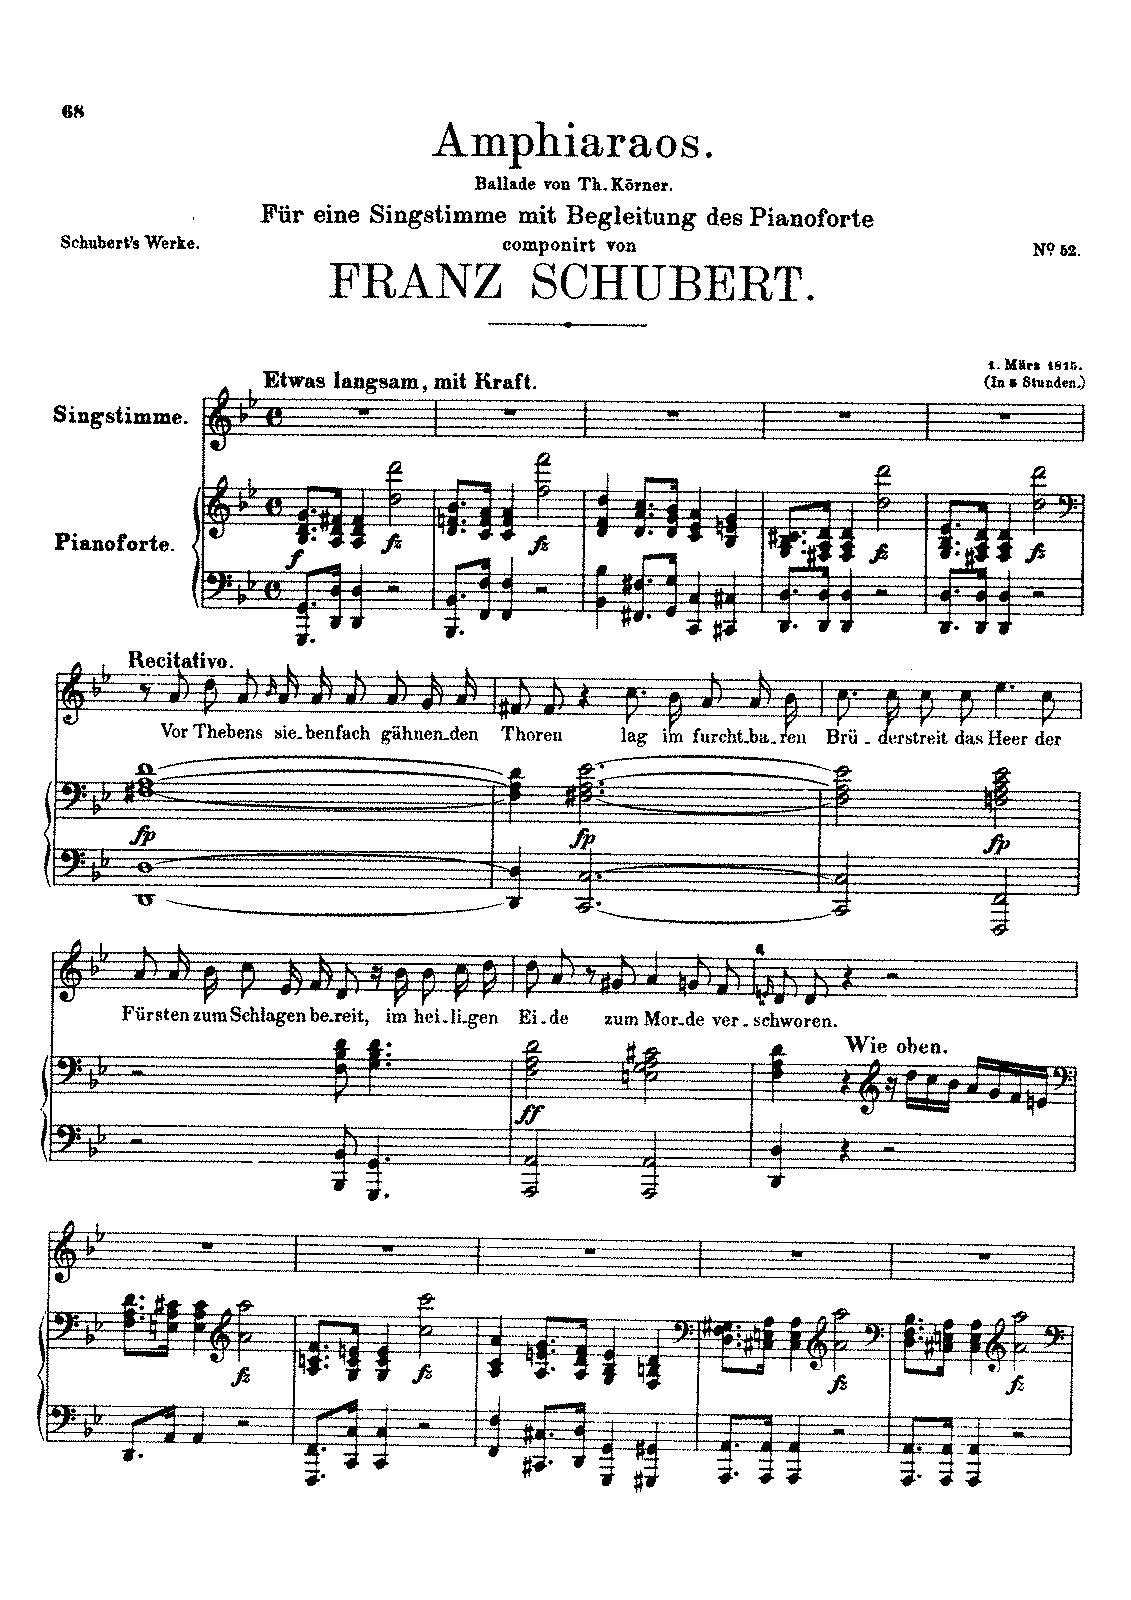 Amphiaraos, D.166 (Schubert, Franz) - IMSLP/Petrucci Music Library ...